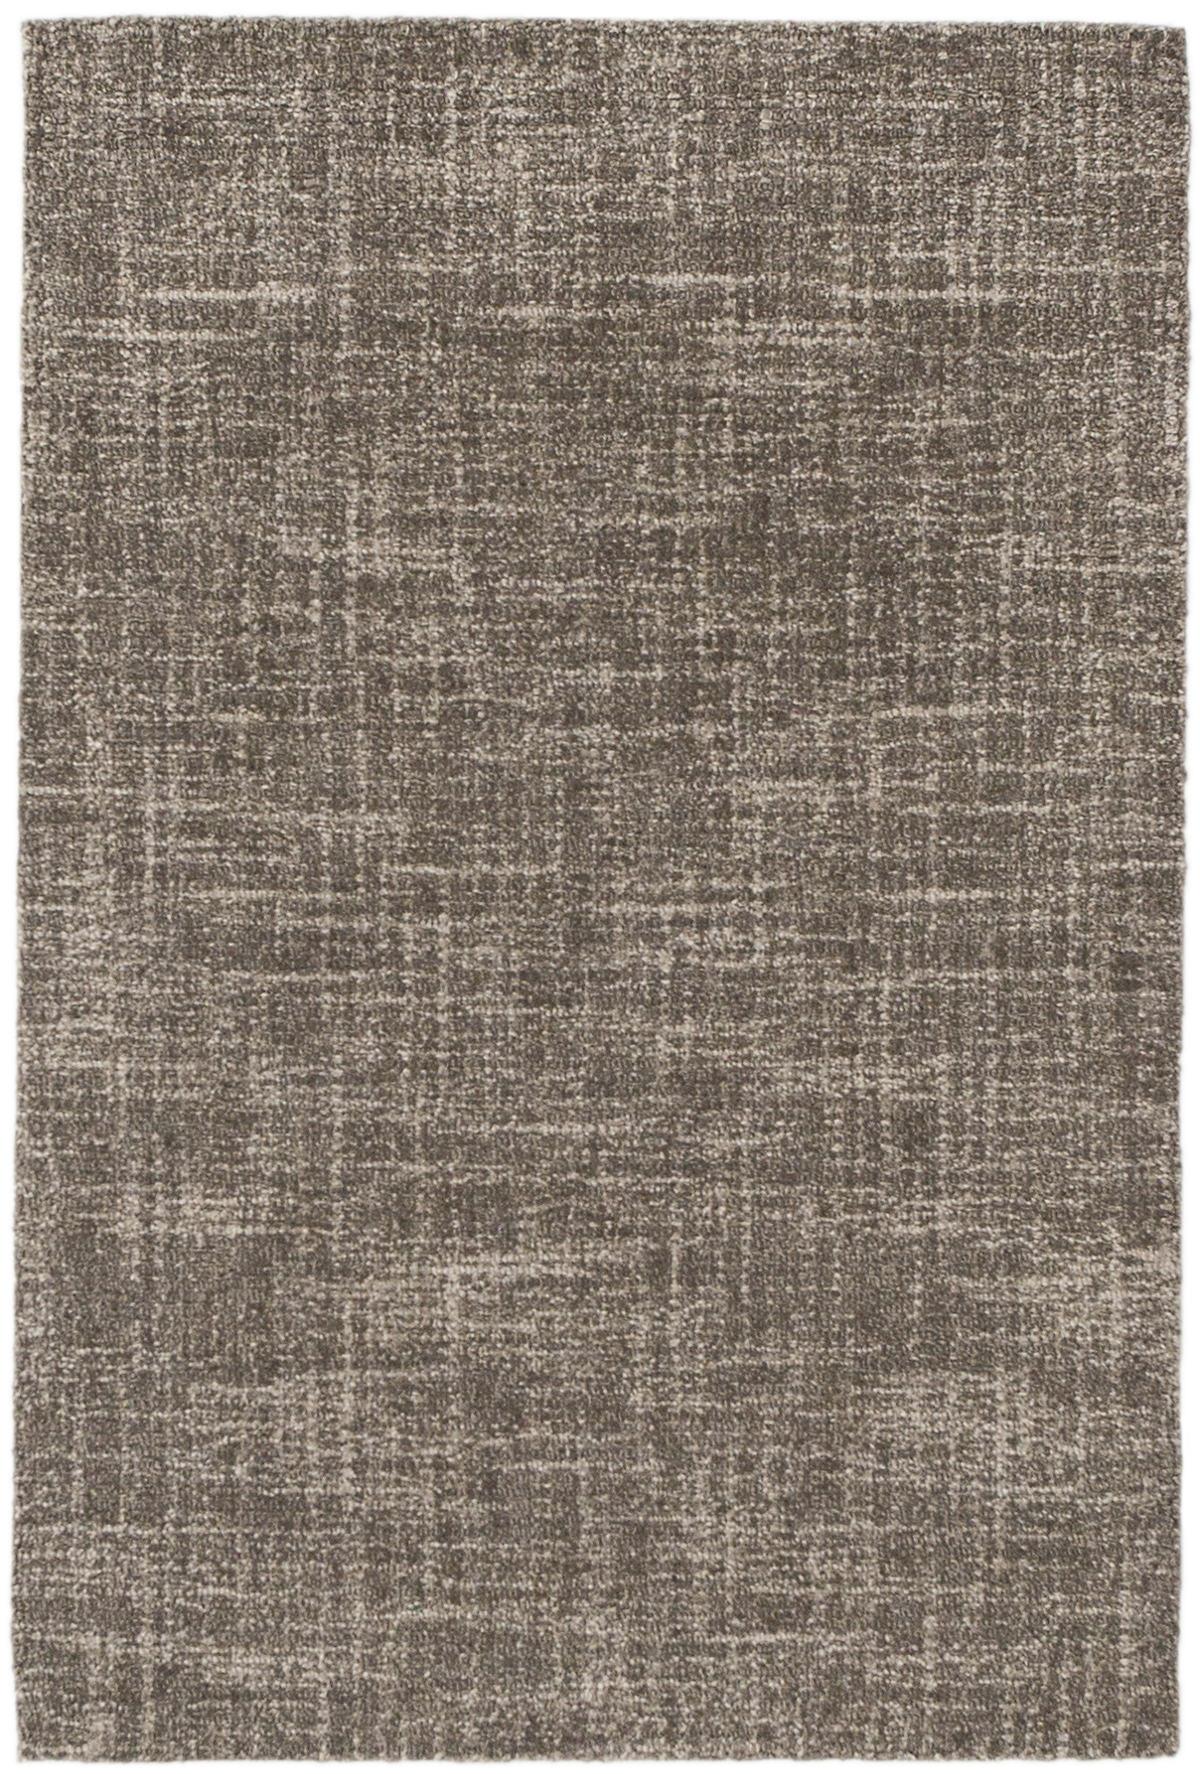 Crosshatch Charcoal Micro Hooked Wool Rug